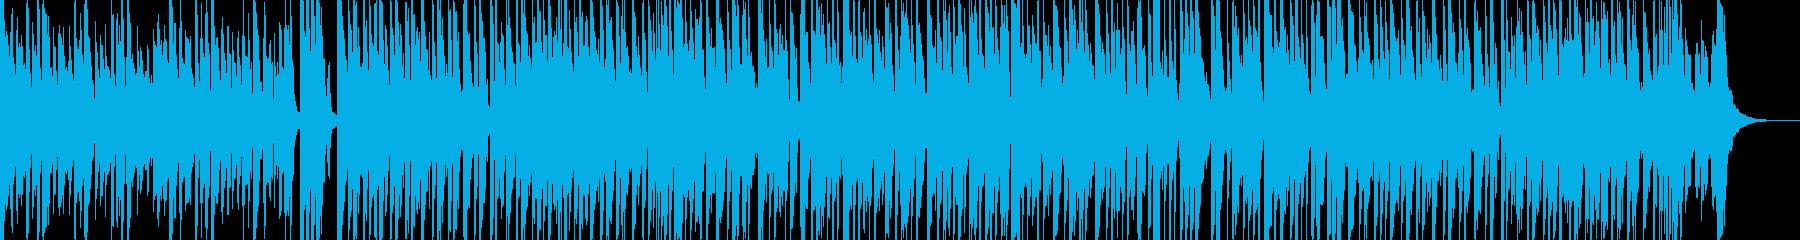 子供用のいたずら好きな雰囲気のBGMの再生済みの波形